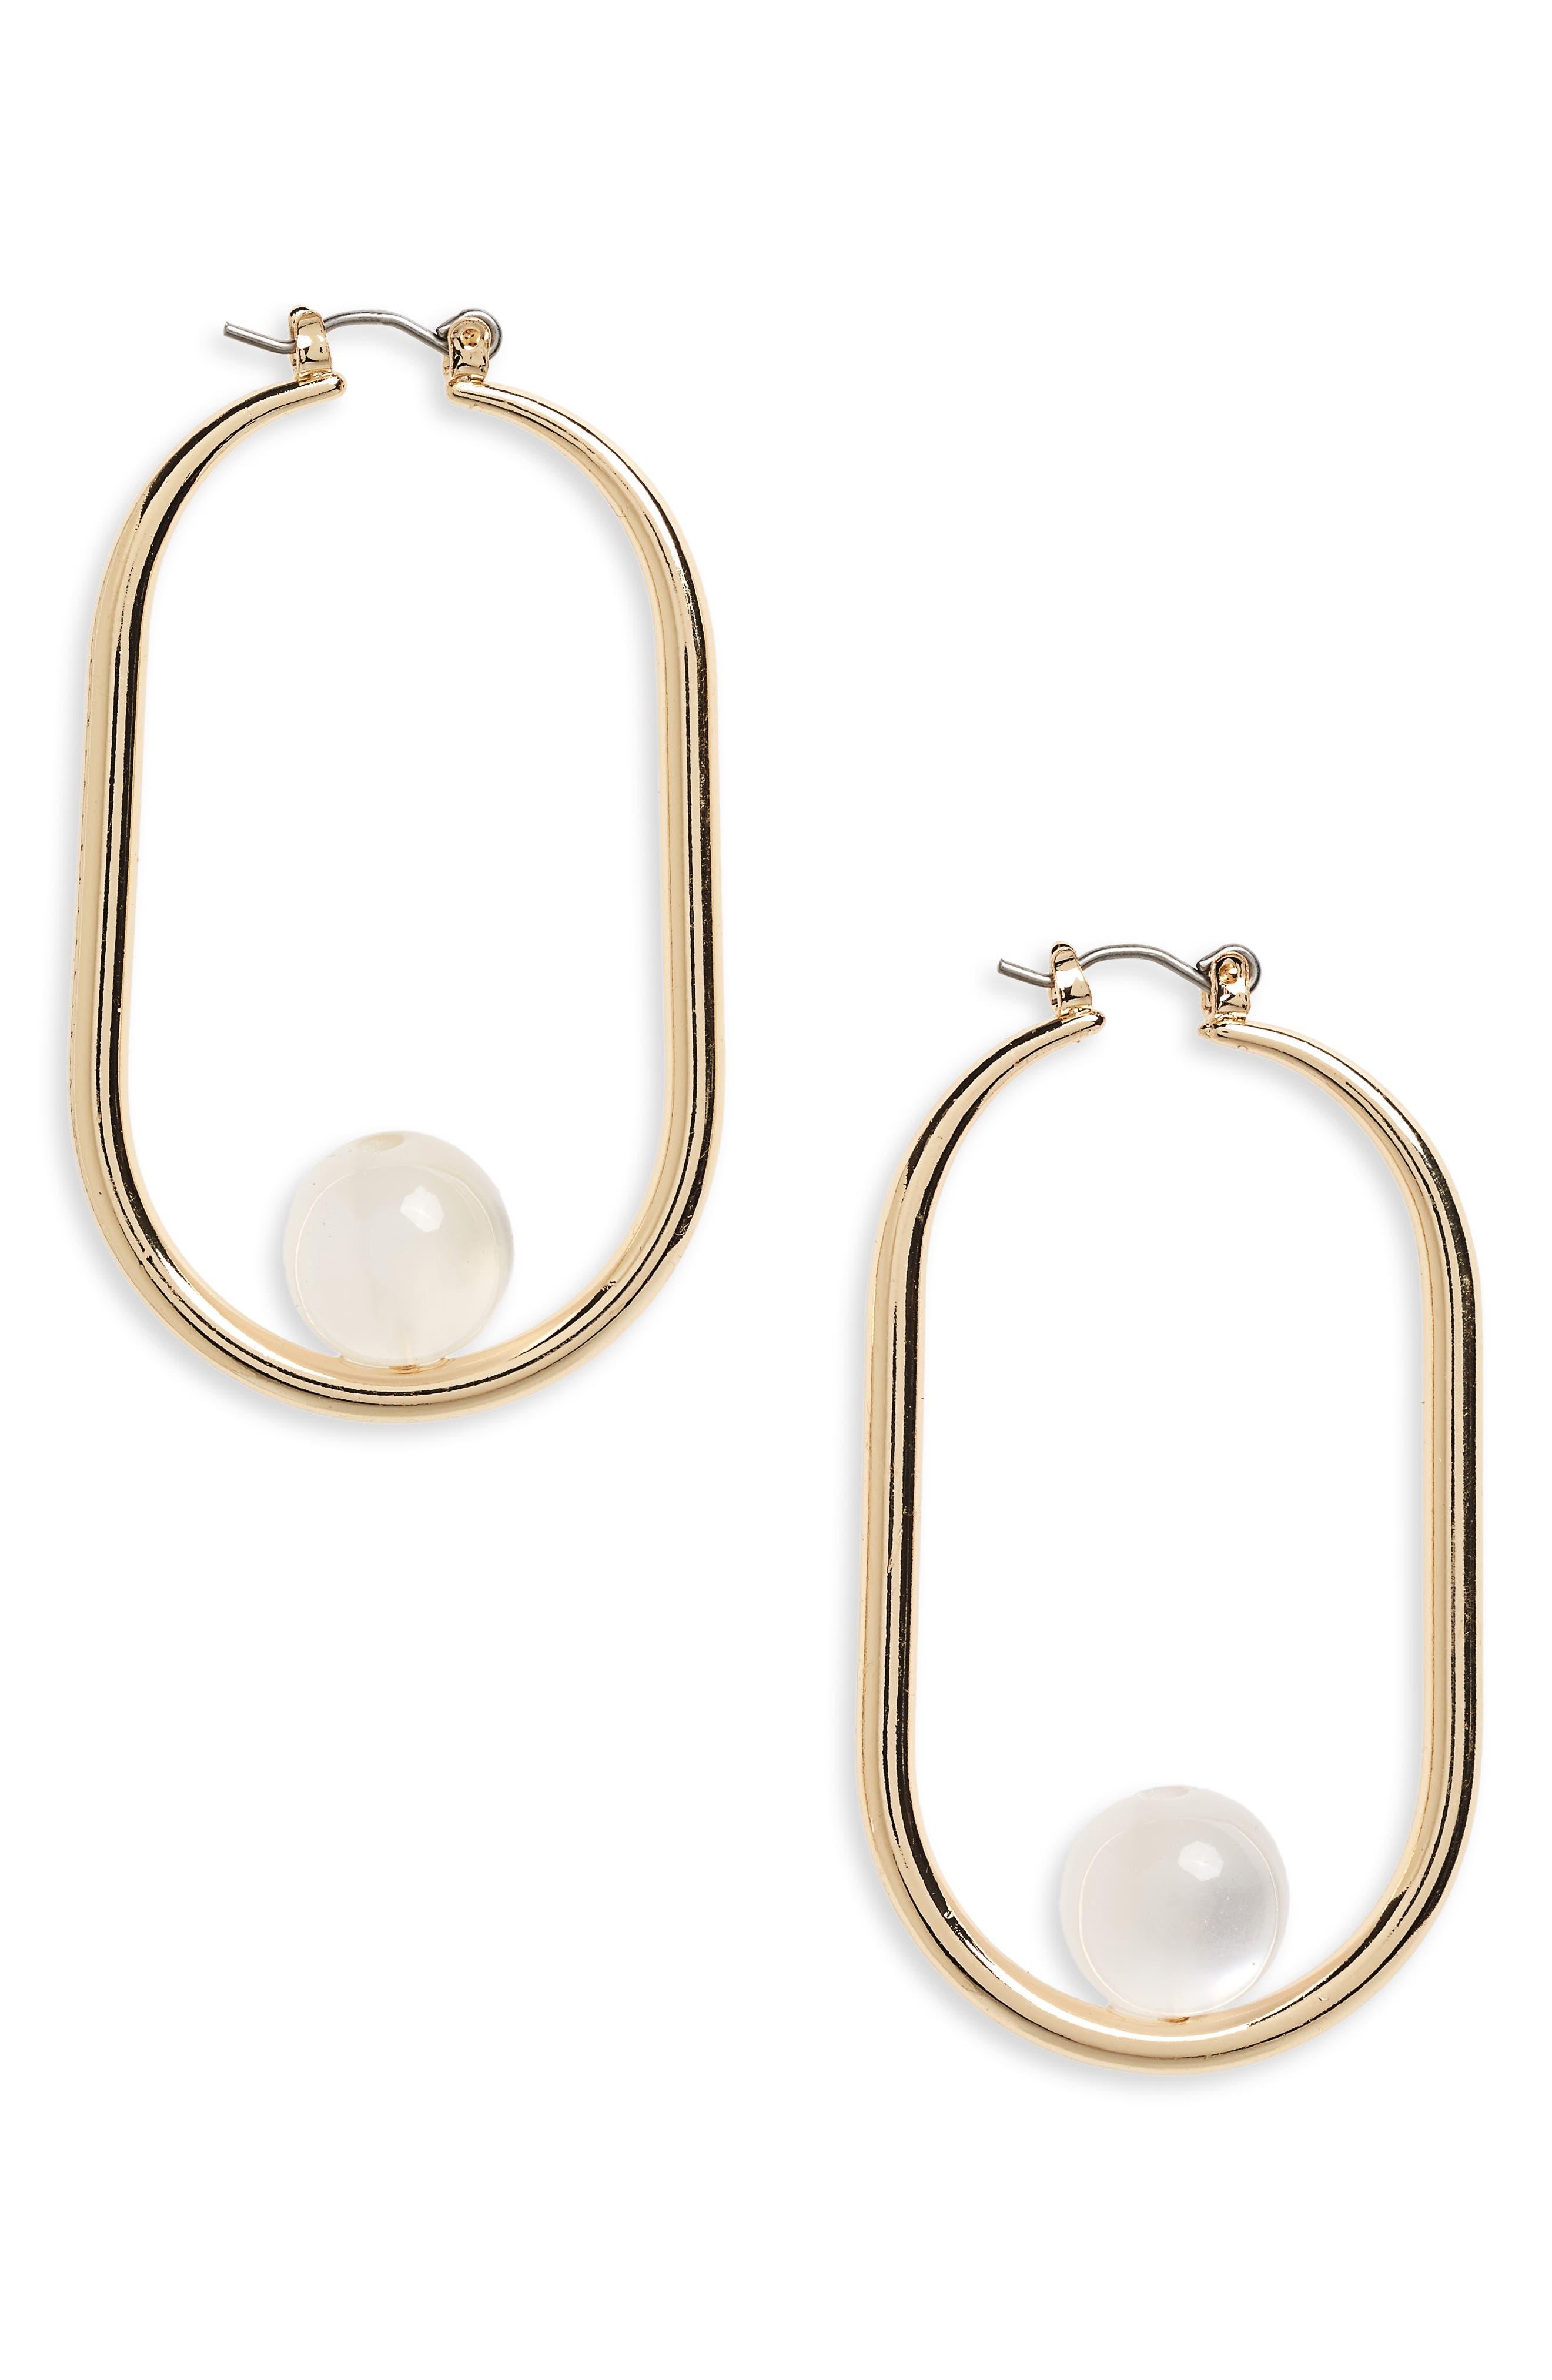 Marble Bead Hoop Earrings,                         Main,                         color, Gold/ Cream